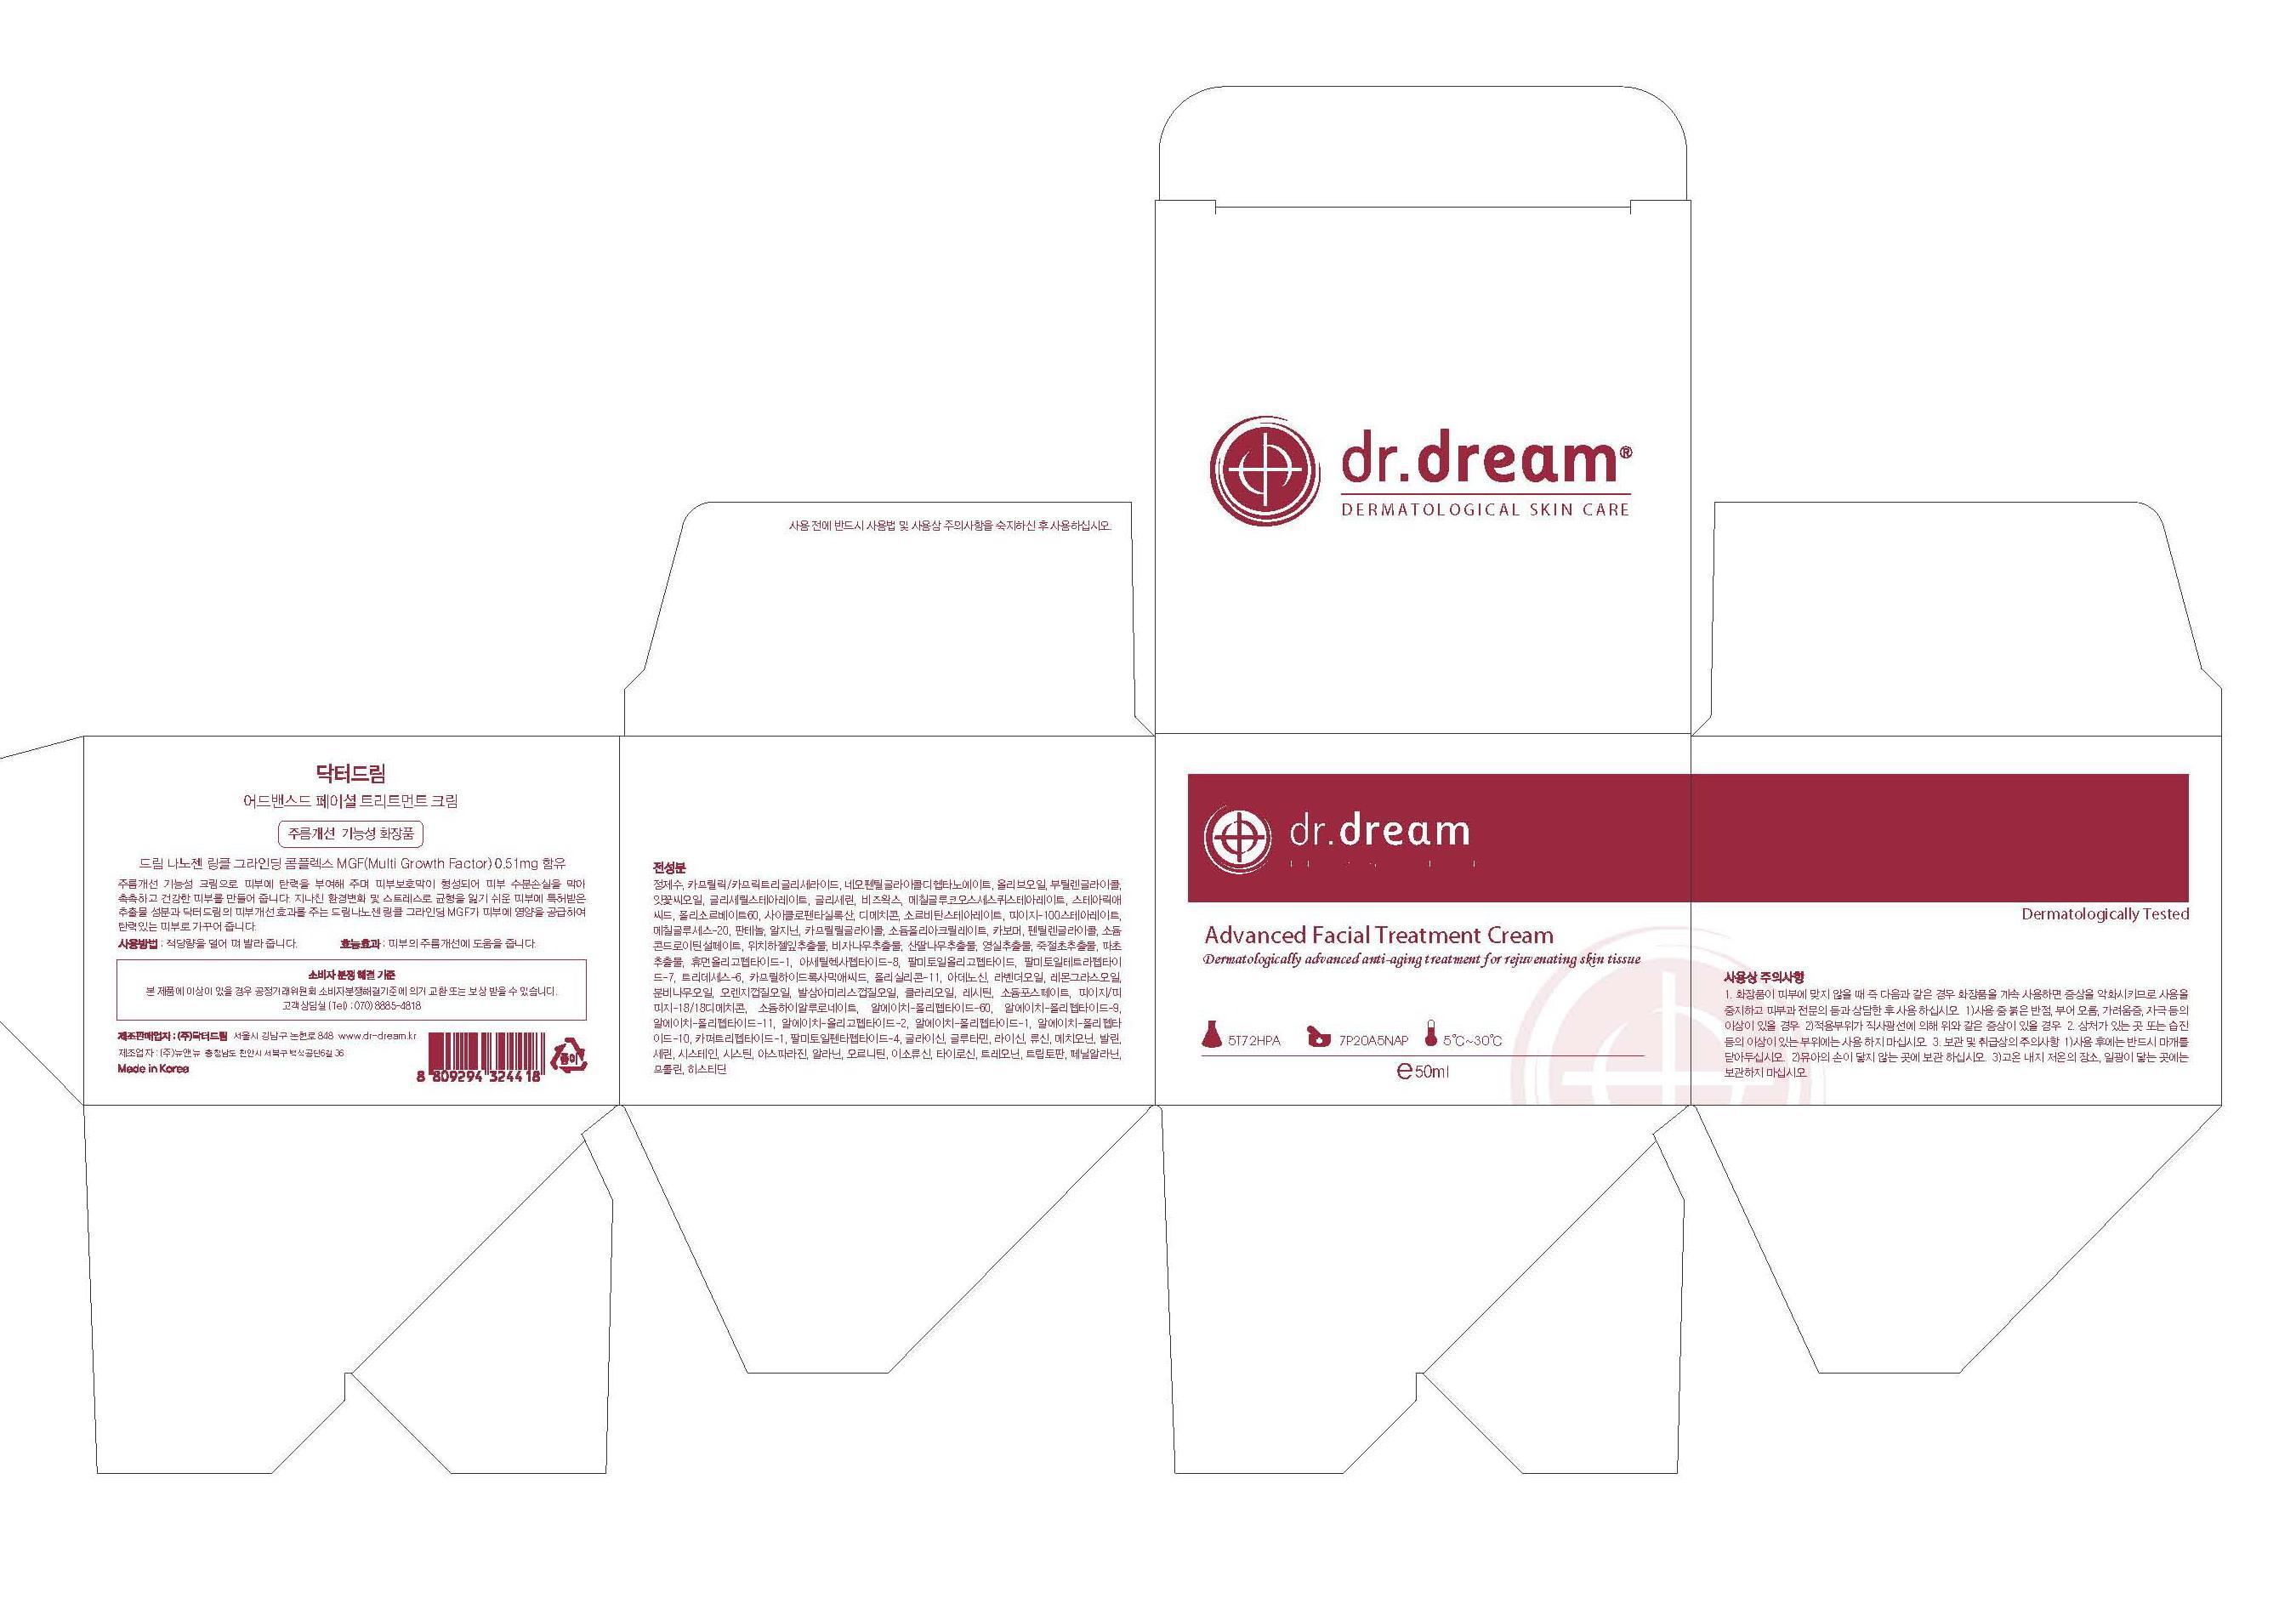 Dr. Dream Advanced Facial Treatment Serum (Witch Hazel) Cream [Dr. Dream Inc]